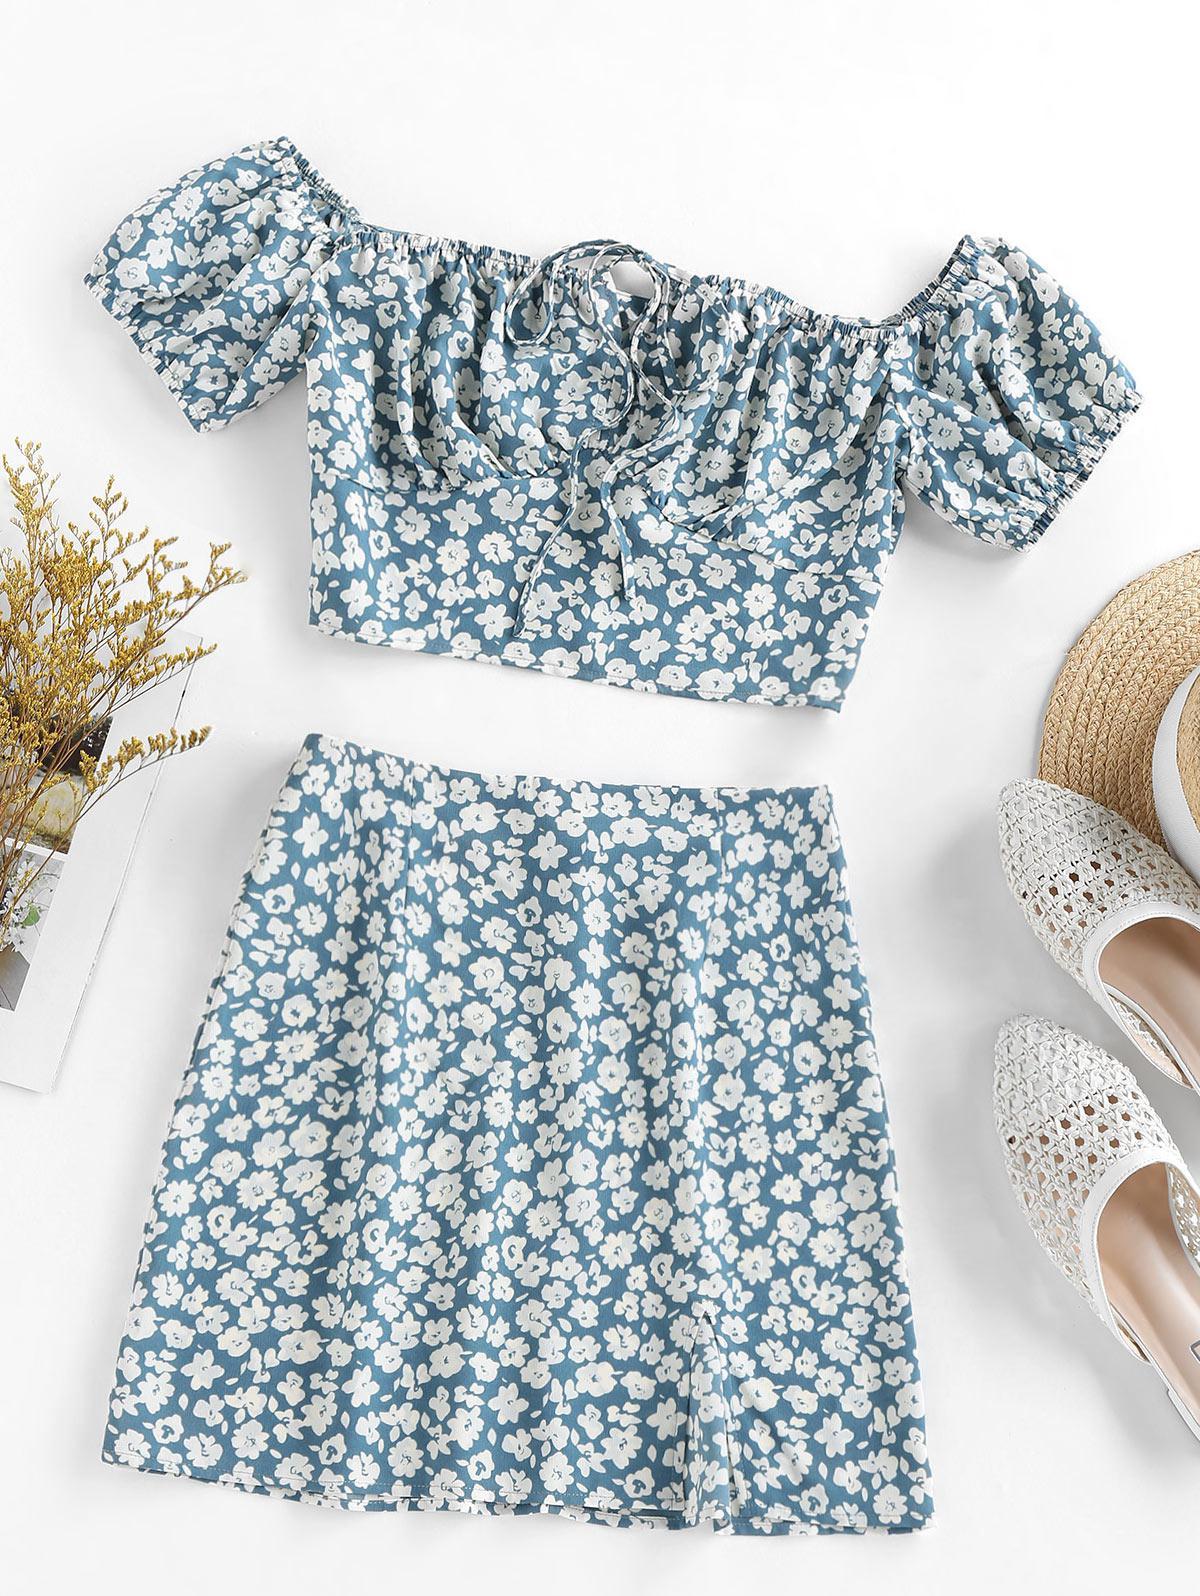 ZAFUL Flower Print Bowknot Slit Keyhole Mini Skirt Set